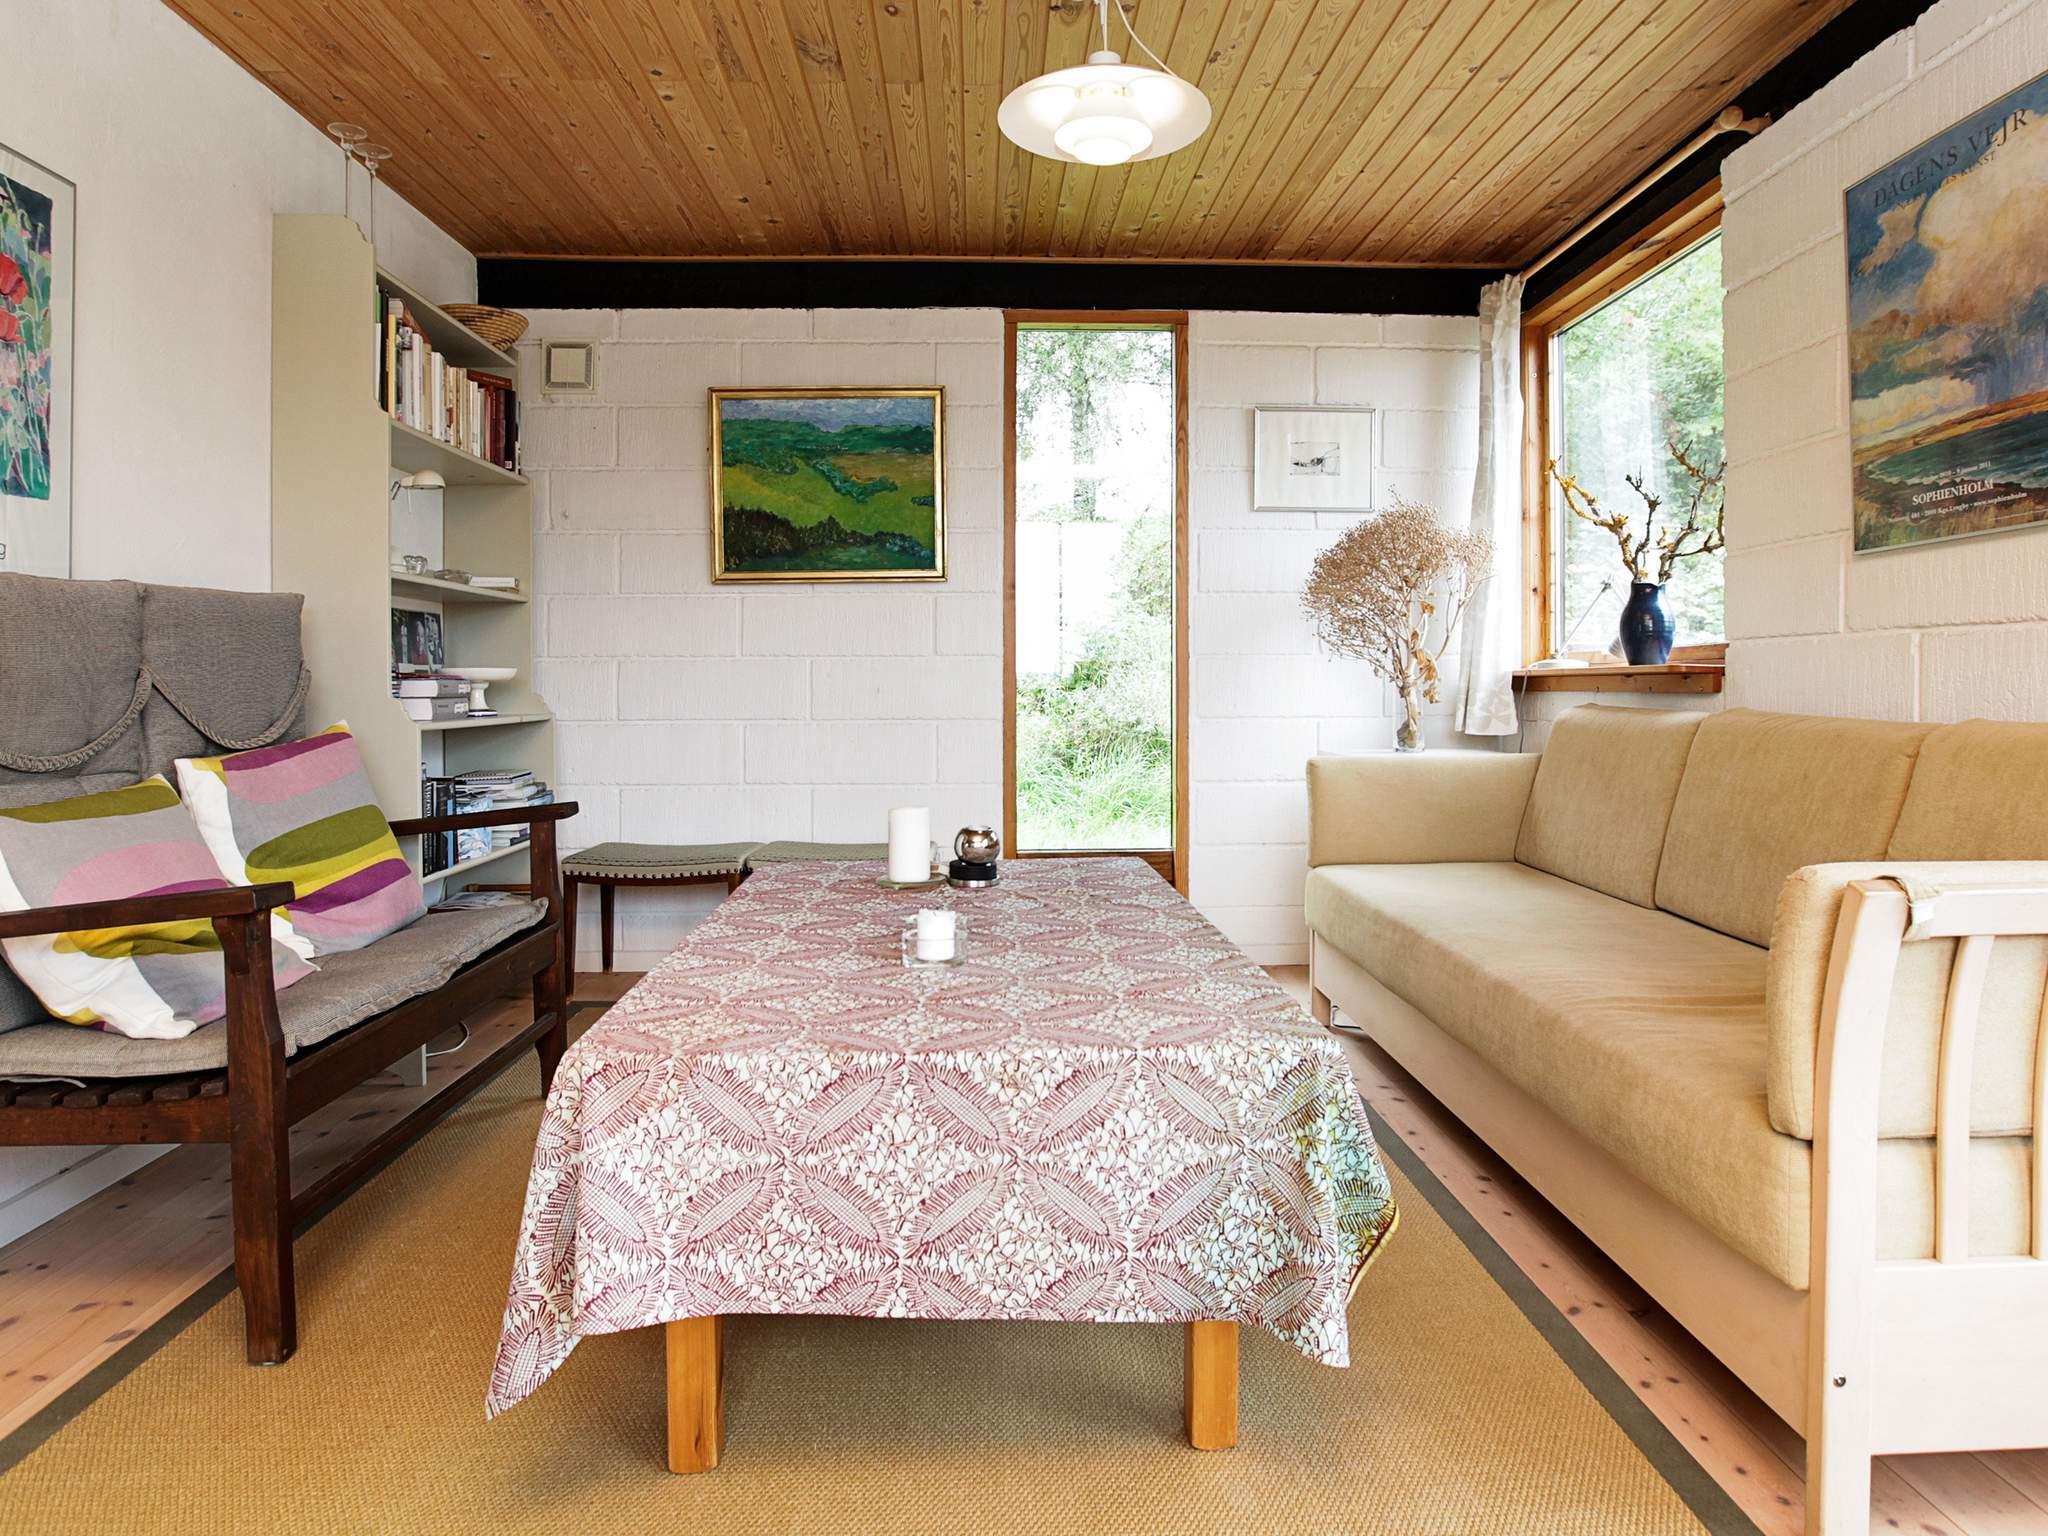 Ferienhaus Grevinge (2523609), Grevinge, , Westseeland, Dänemark, Bild 10